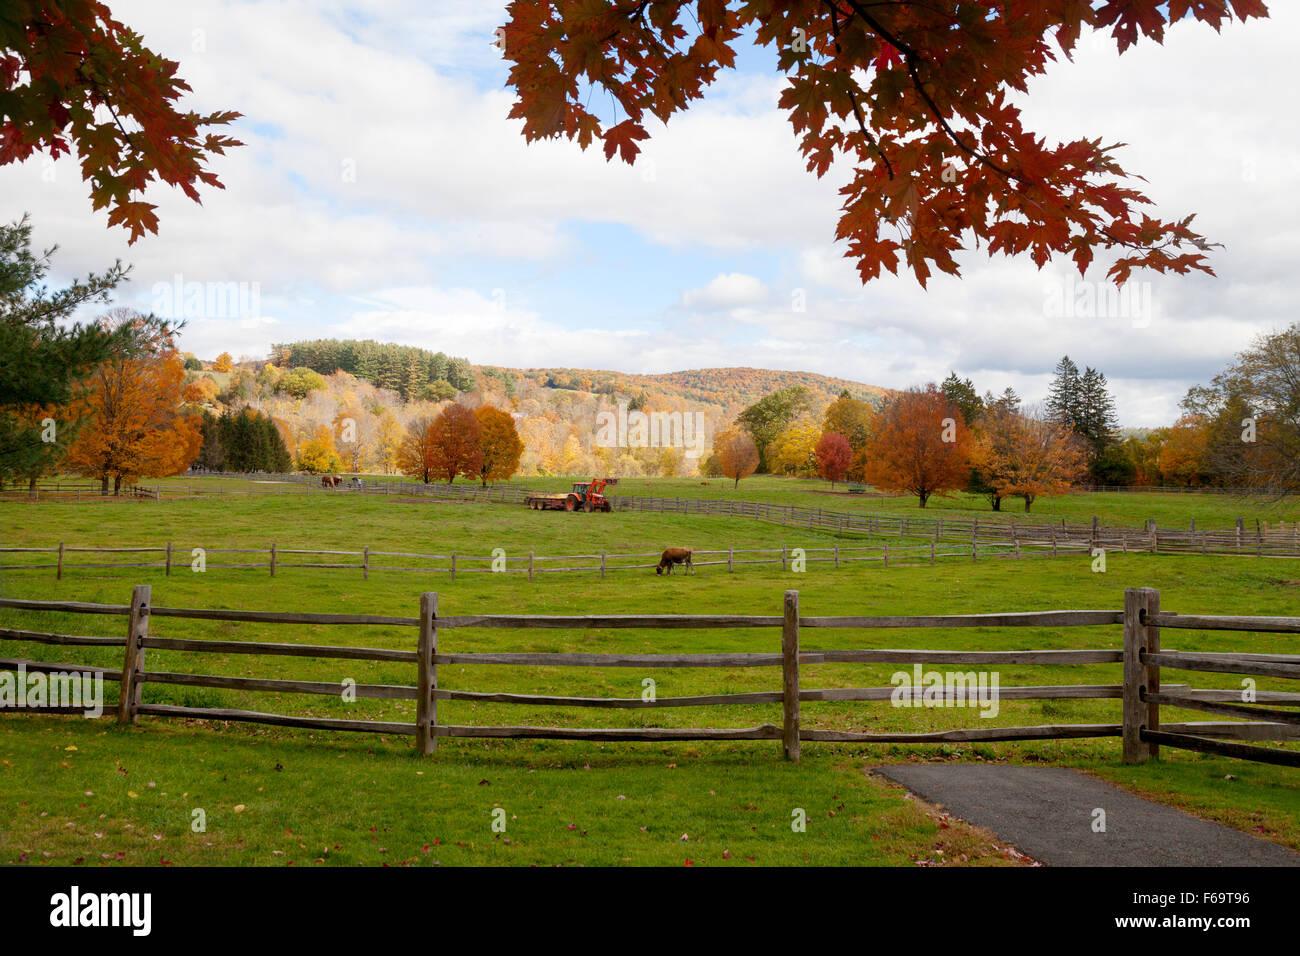 Billings Farm & Museum, Woodstock, Vermont, Nueva Inglaterra, EE.UU. Imagen De Stock